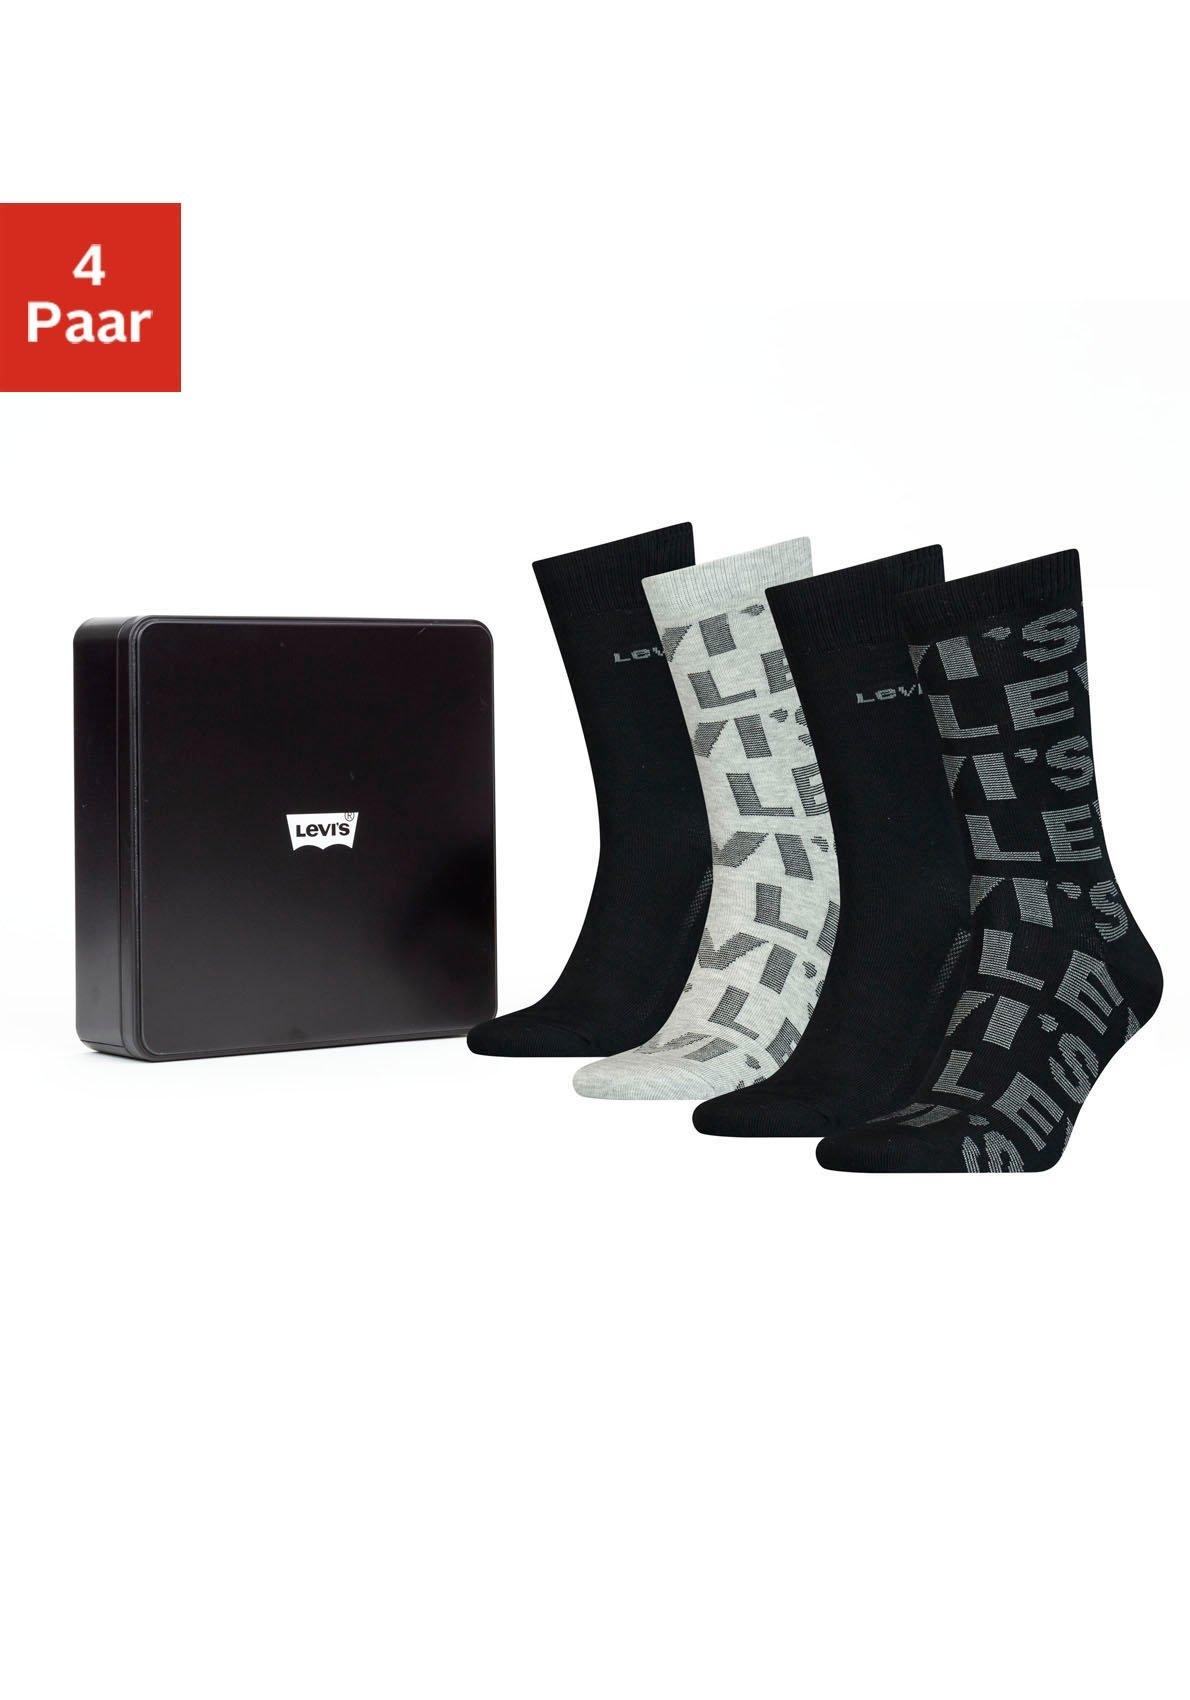 Op zoek naar een LEVI'S business-sokken? Koop online bij Lascana